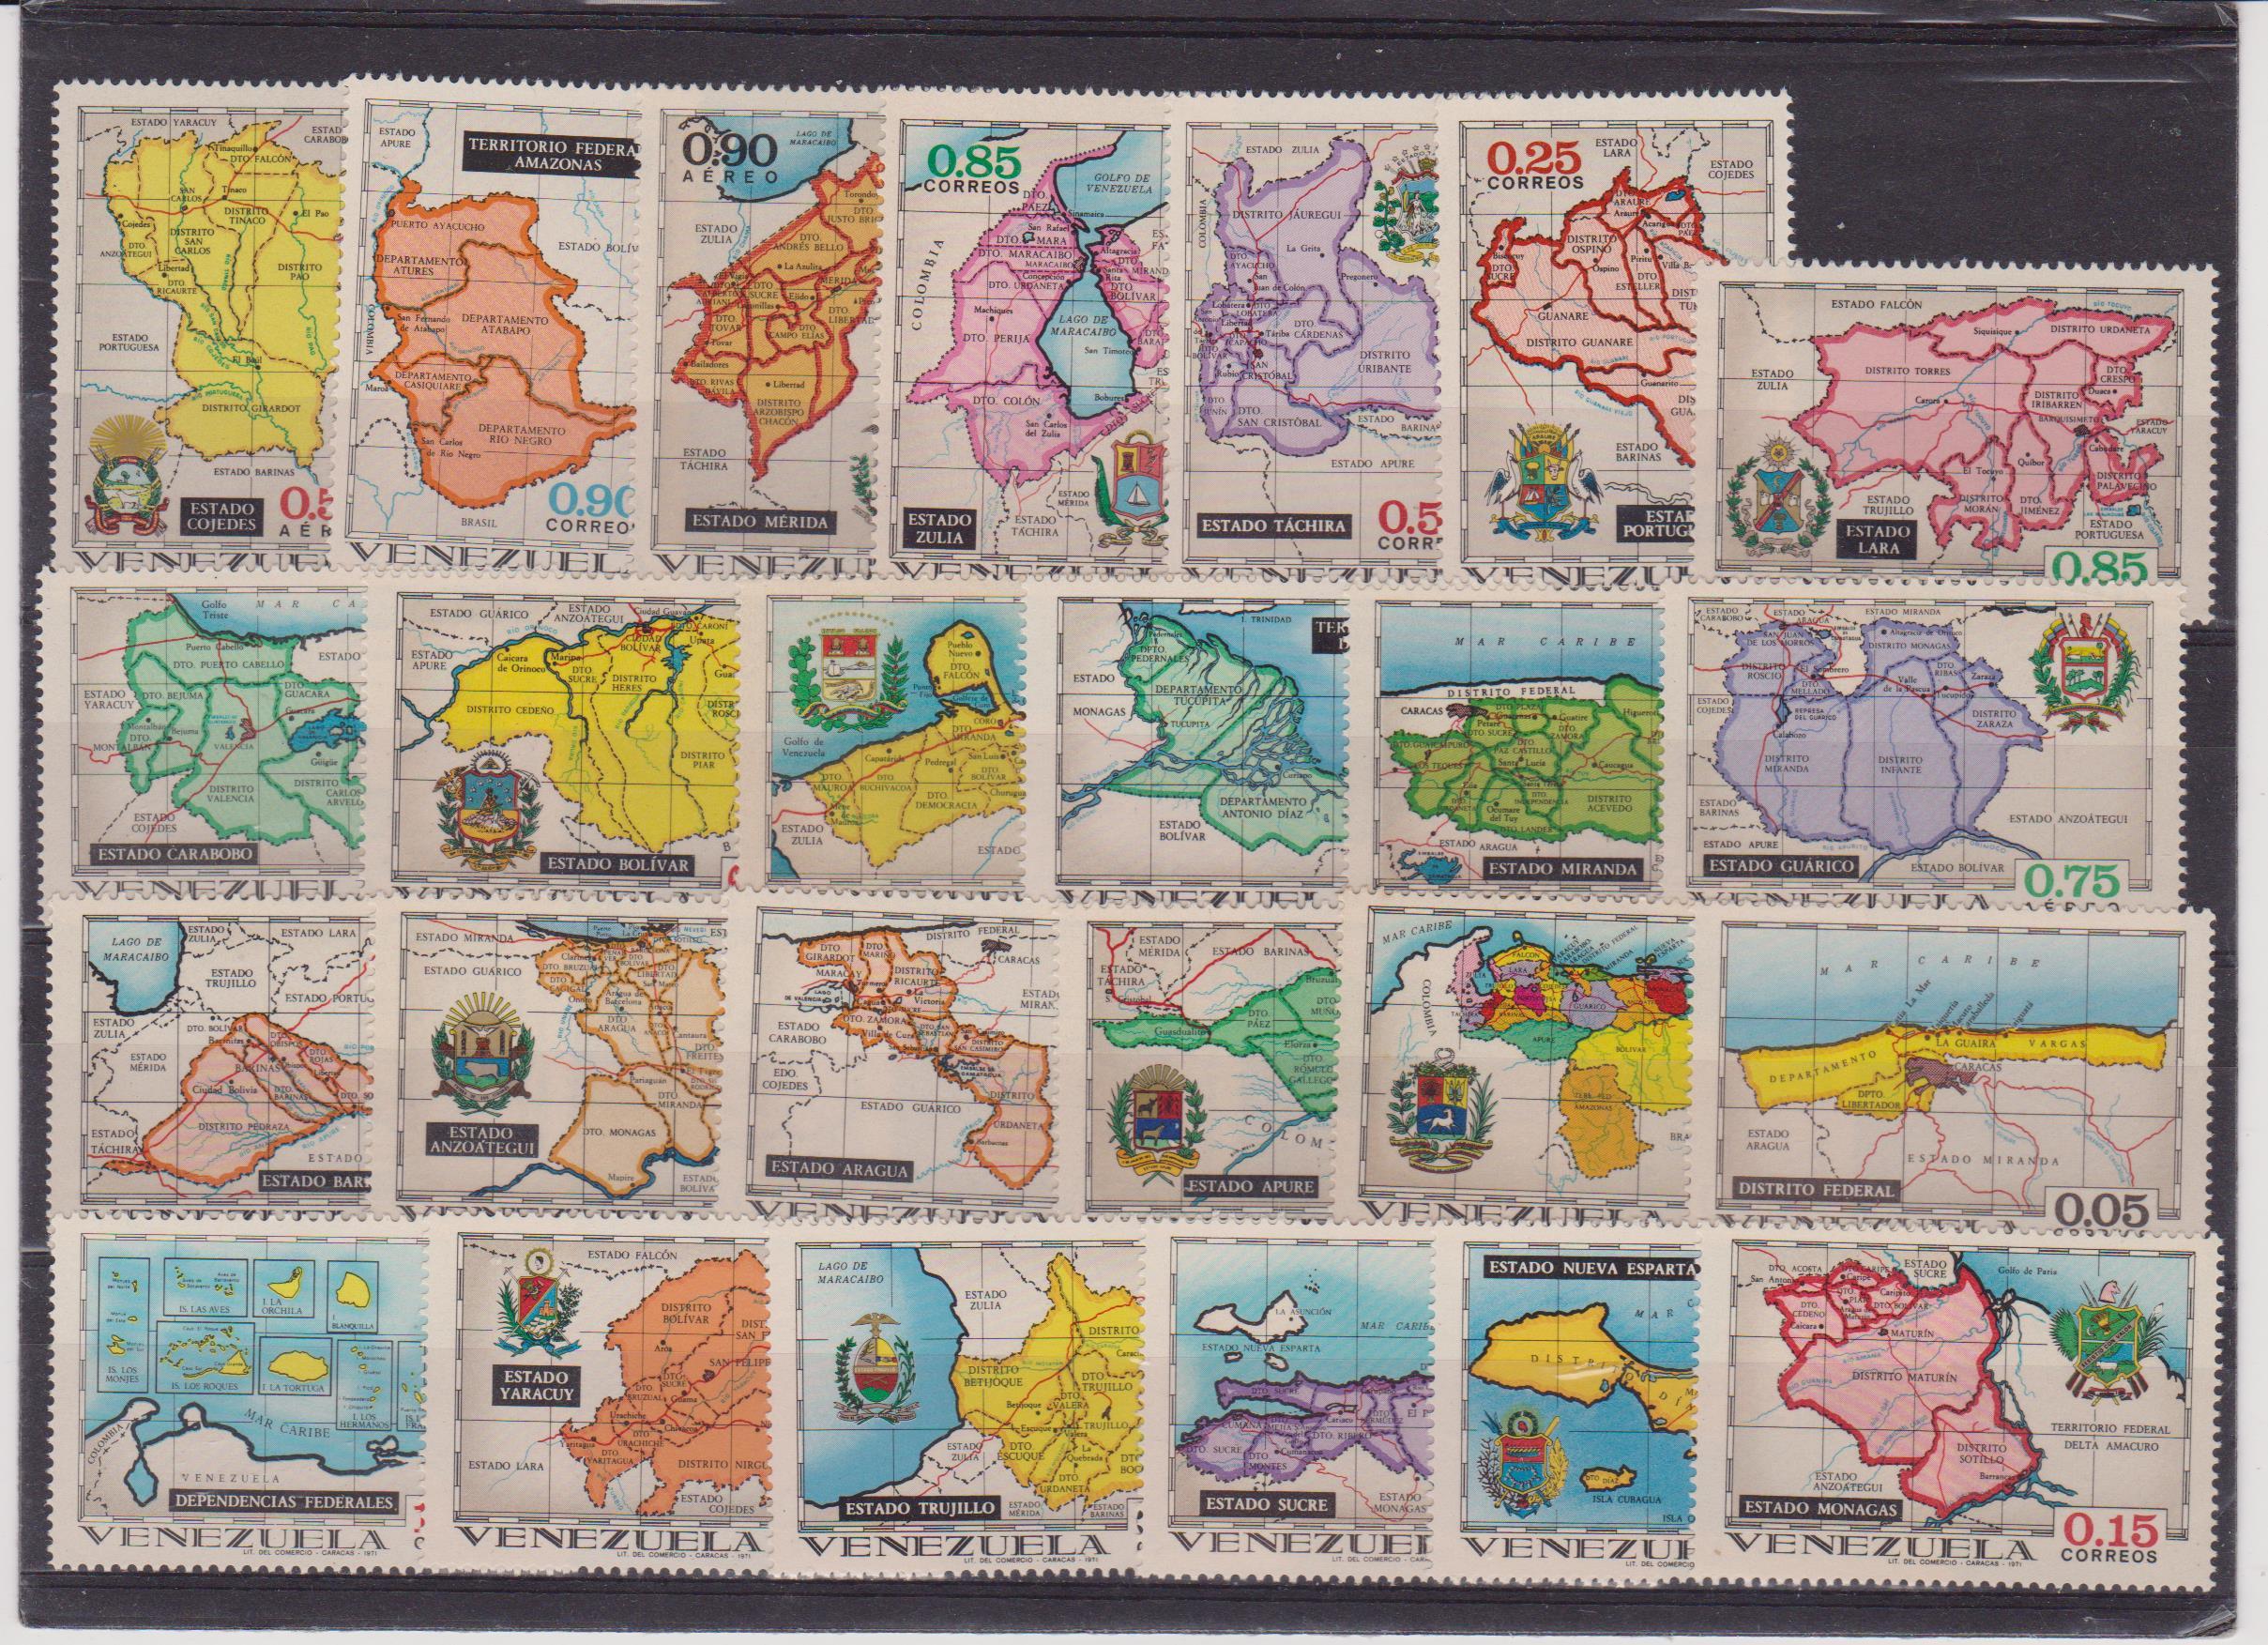 venezuela-858-001